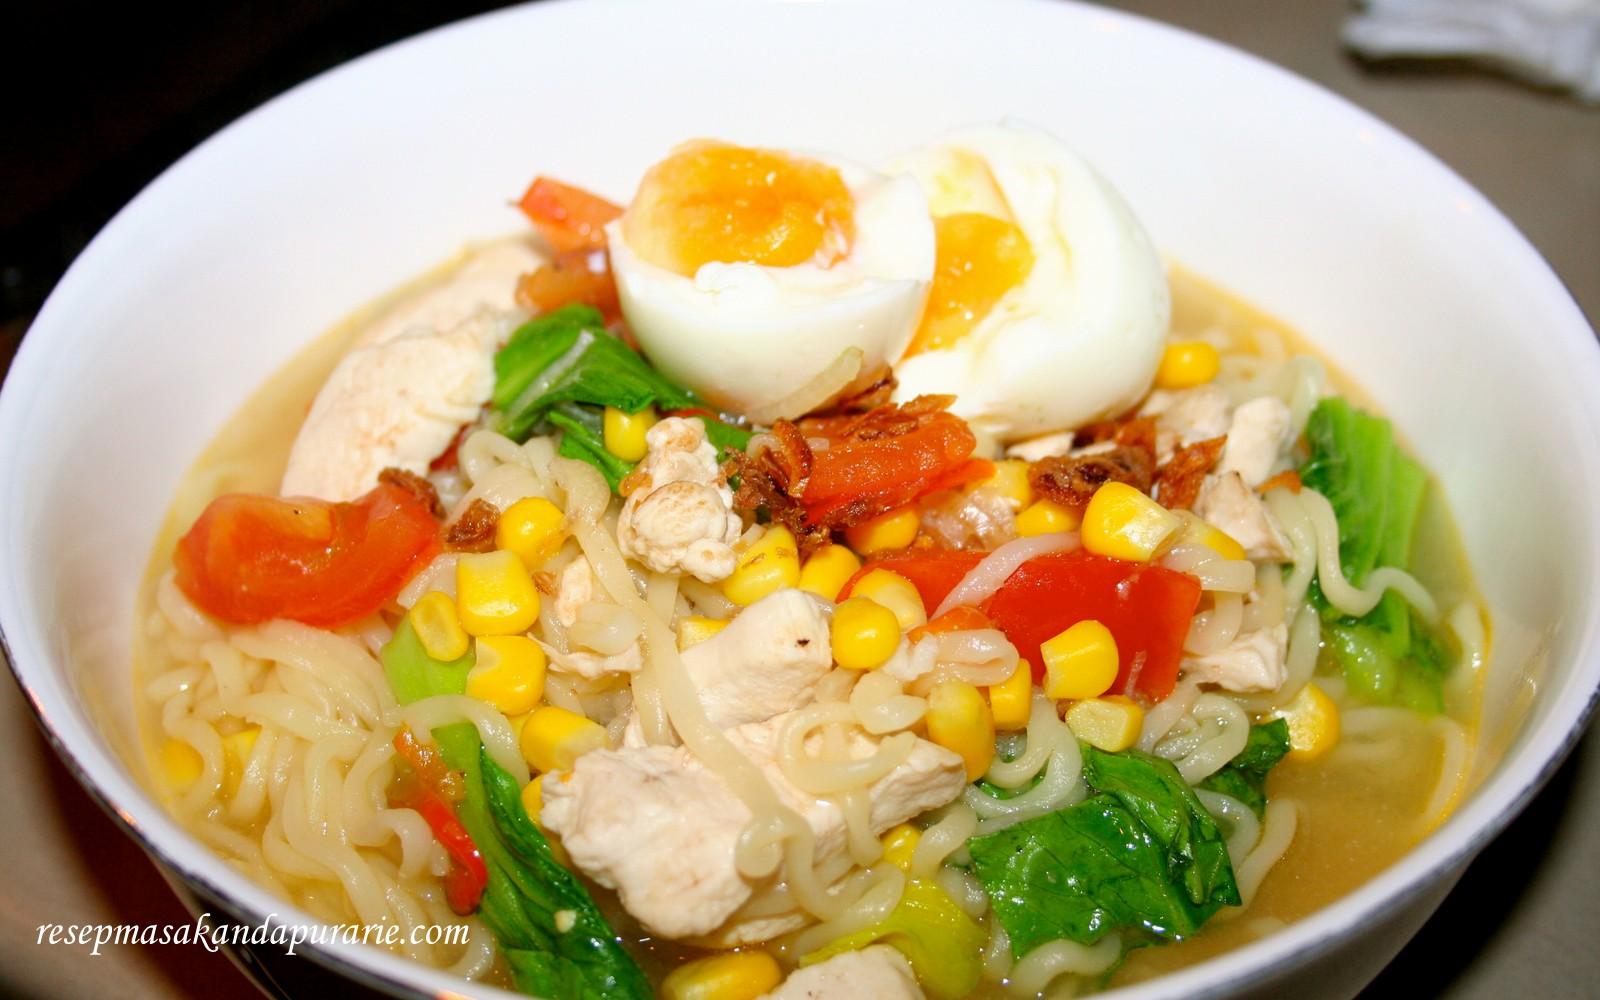 Resep Cara Membuat Mie Rebus Spesial - Resep Masakan Dapur Arie